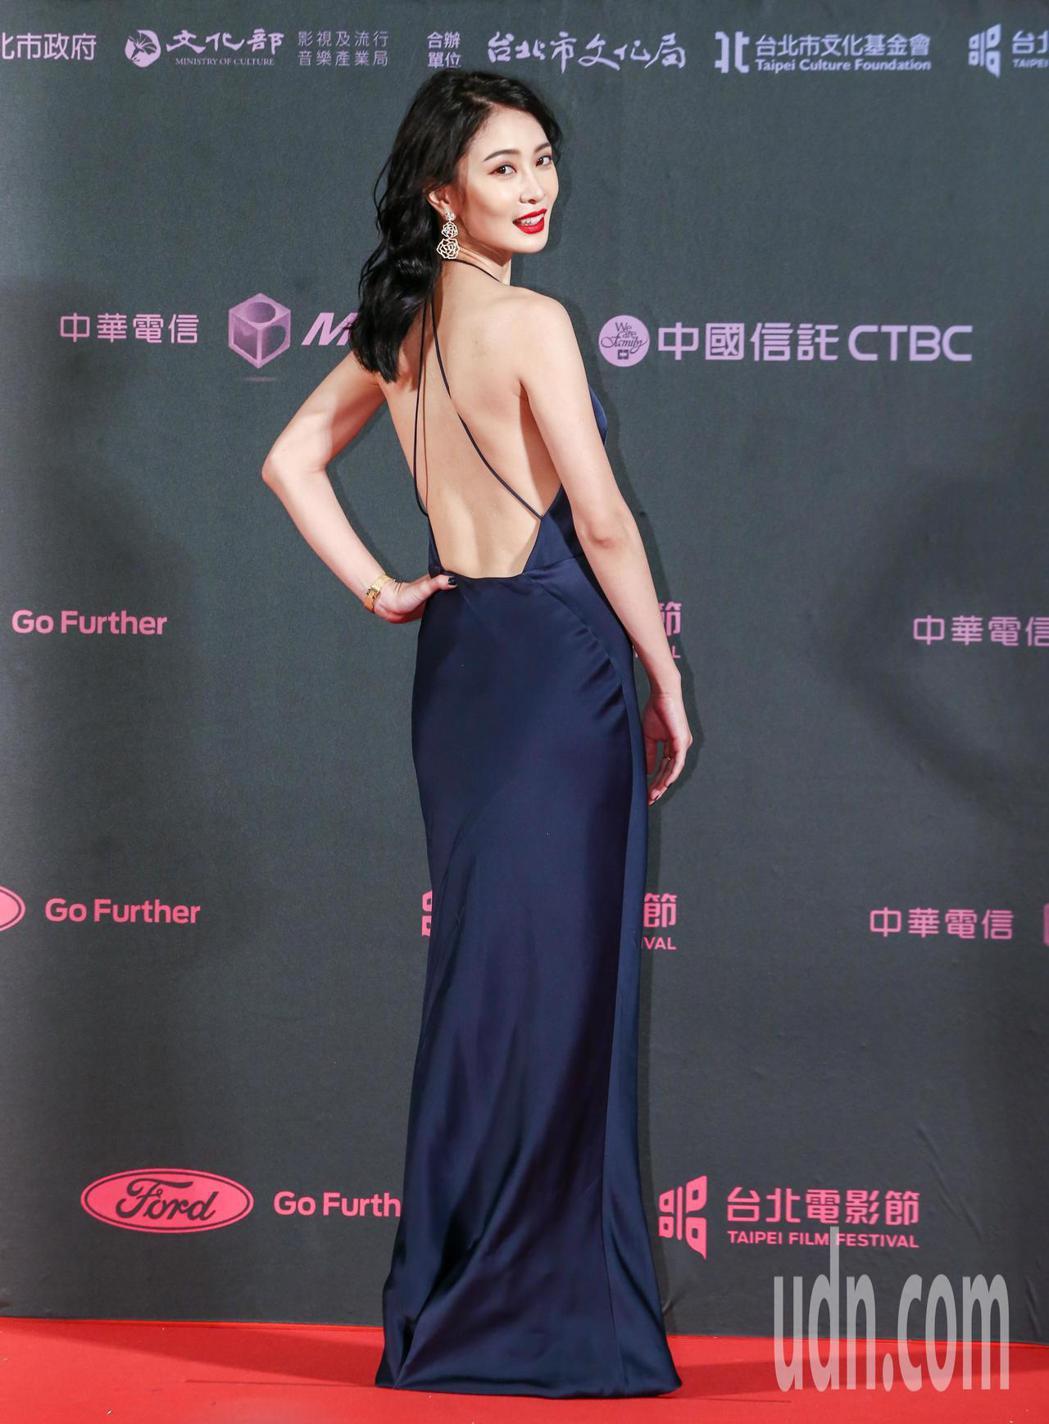 台北電影獎劇情長片野雀之詩女主角李亦捷。記者曾原信/攝影